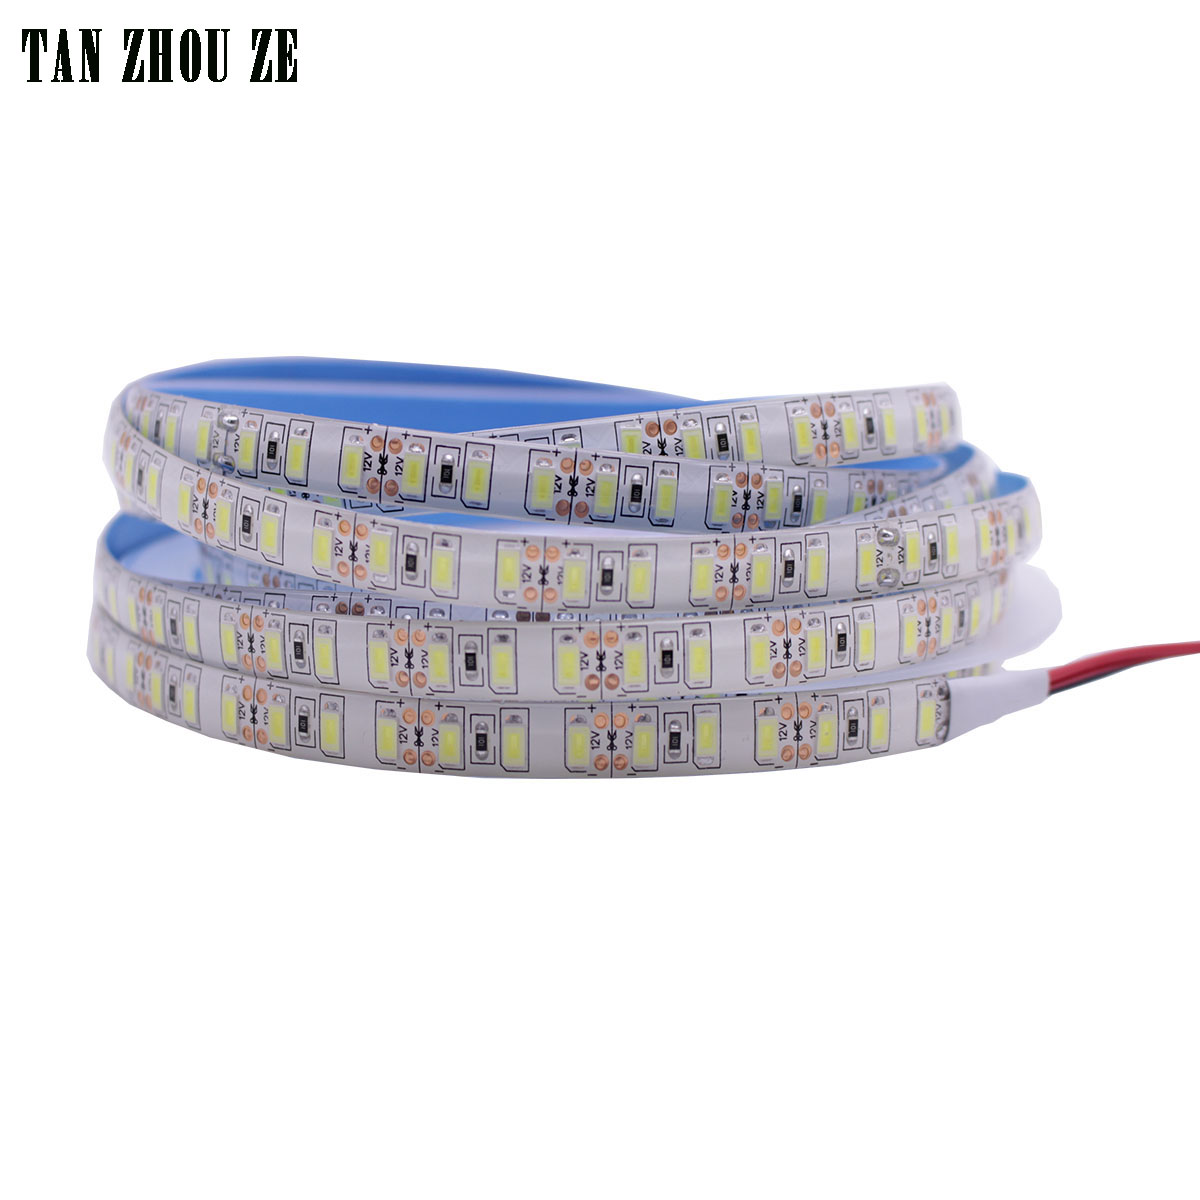 5M 600LED 120LED//M 5630 LED Flexible Strip DC12V Cool white Super Bright IP20